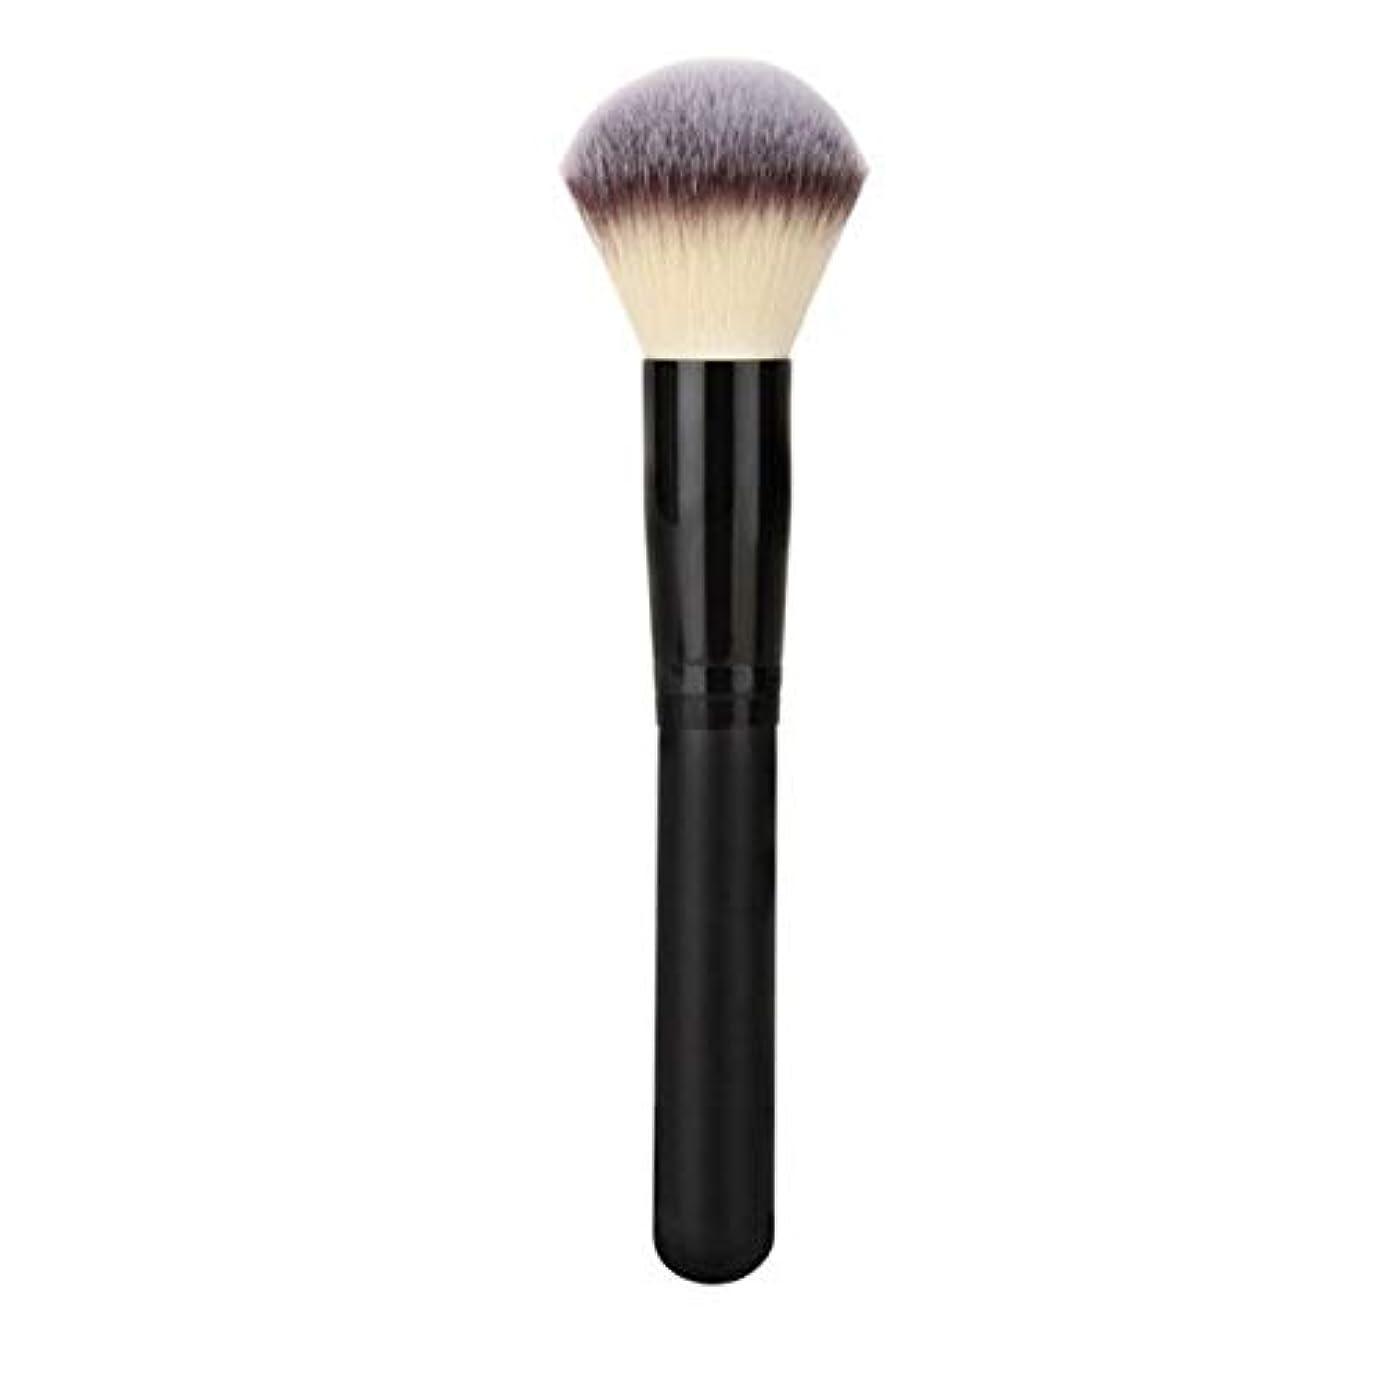 まともなシガレットインターネットSfHx 化粧ブラシ、シングル化粧ブラシ、ブラッシュブラシ、ルースパウダーブラシ、プロの化粧ブラシ化粧ギフト